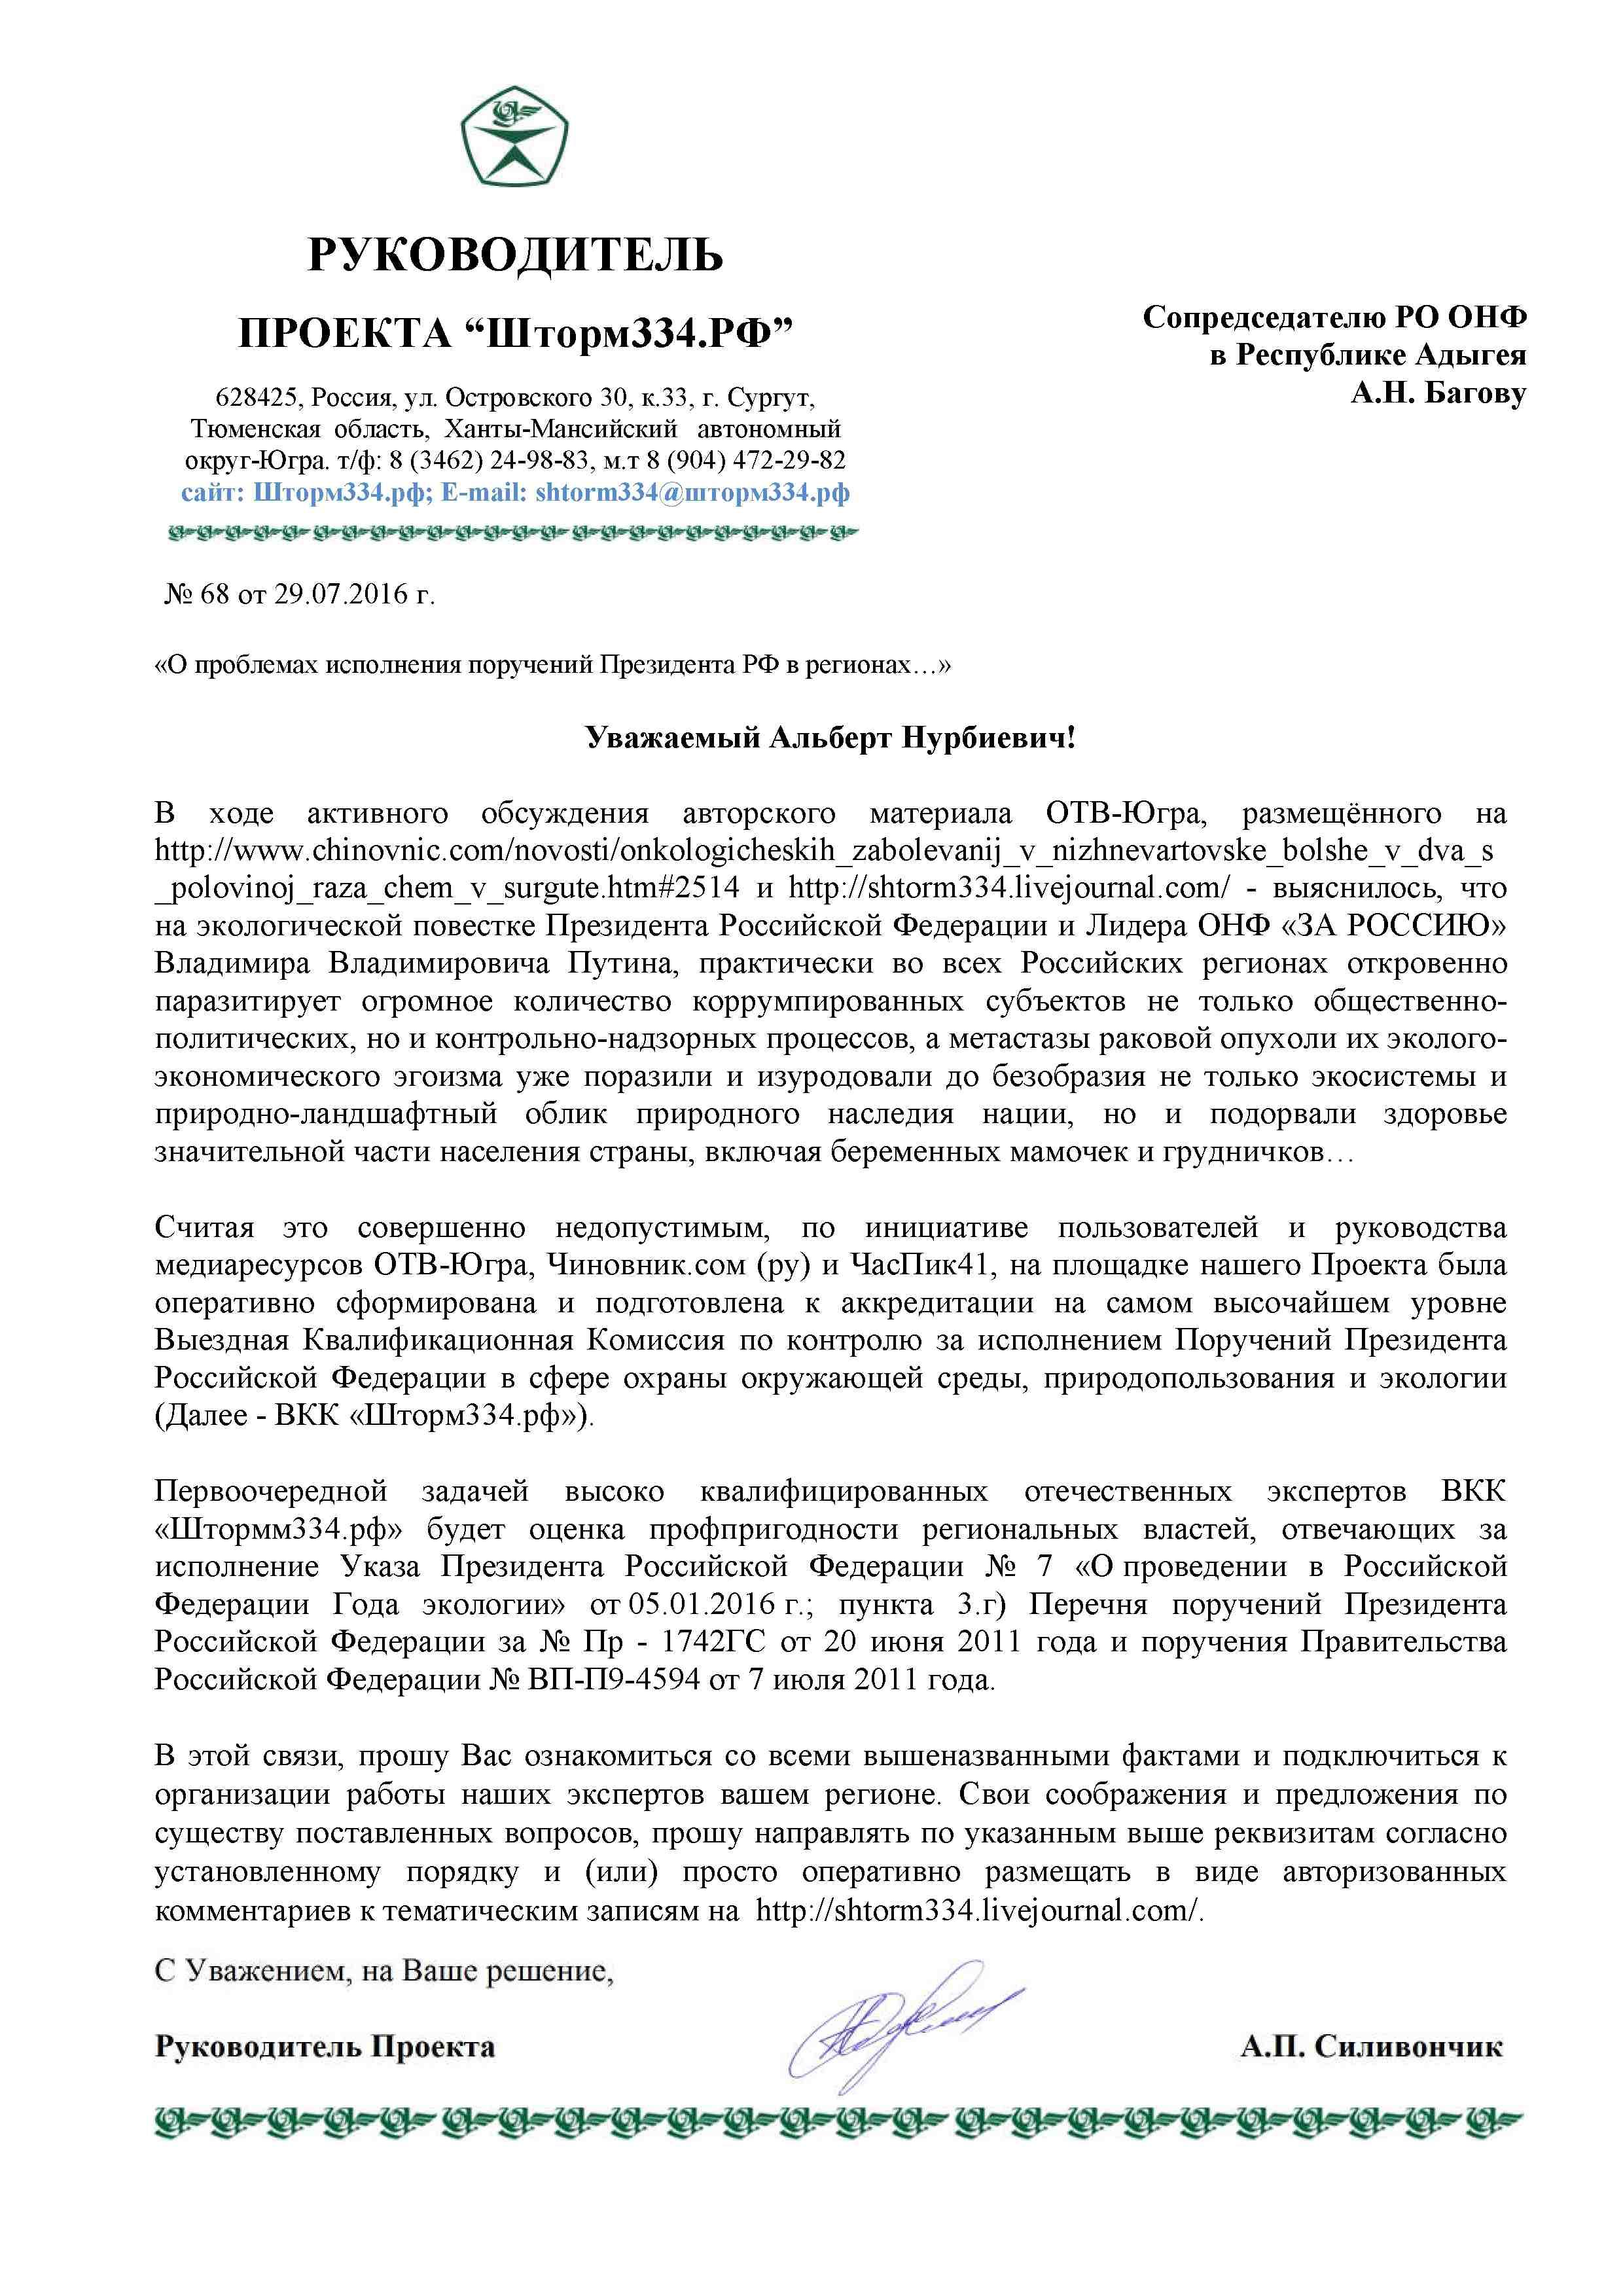 РП - ОНФ Республика Адыгея-001